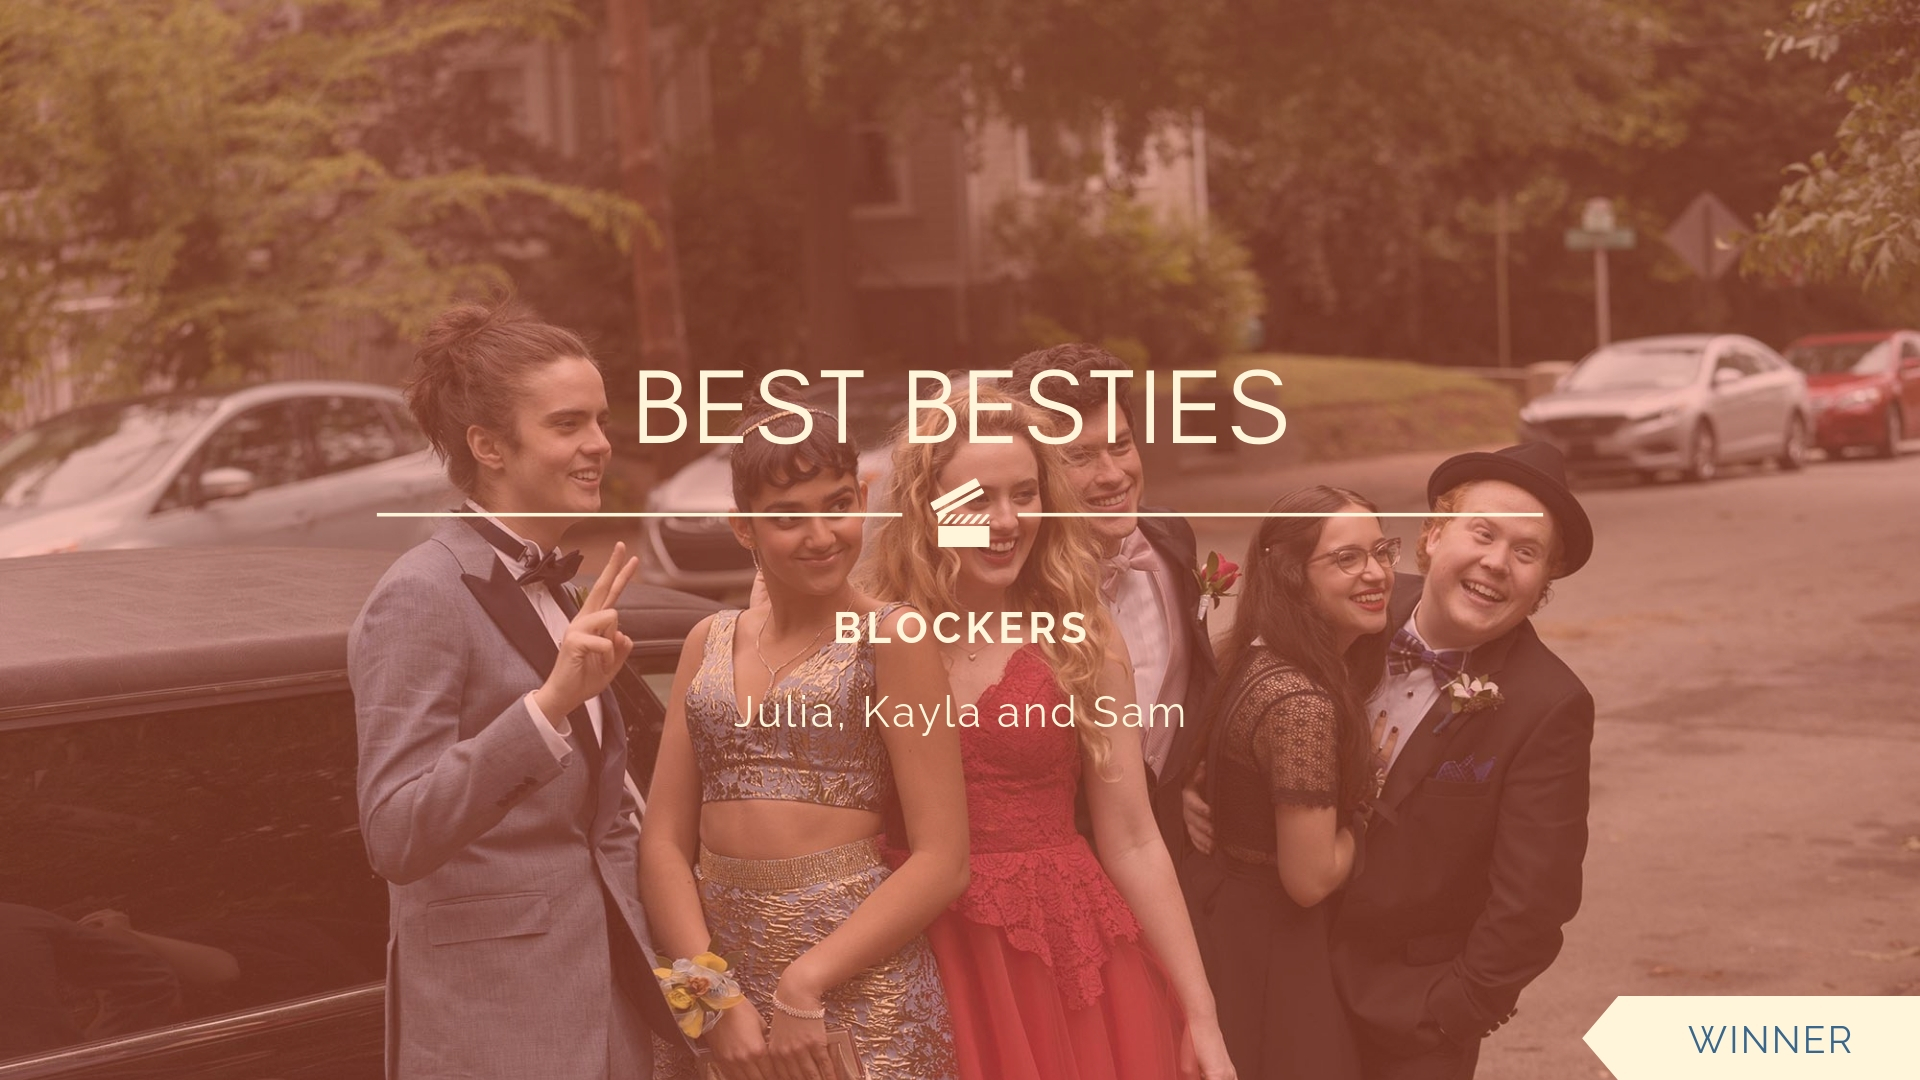 win.besties.jpg